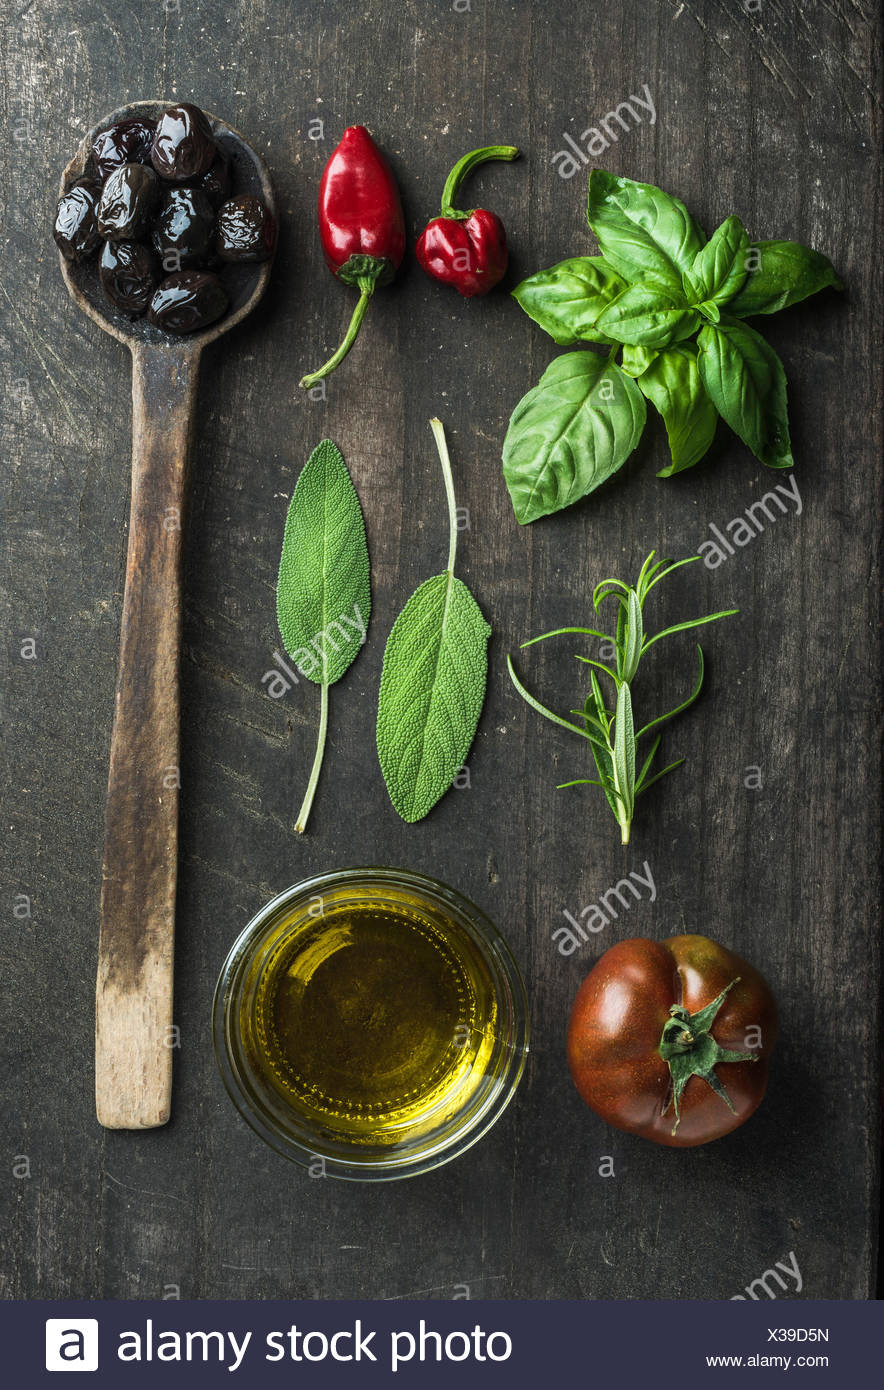 Légumes et herbes sur fond rustique en bois sombre. Olives noires grecques, frais vert sauge, romarin, basilic, fines herbes, tomate, huile Photo Stock